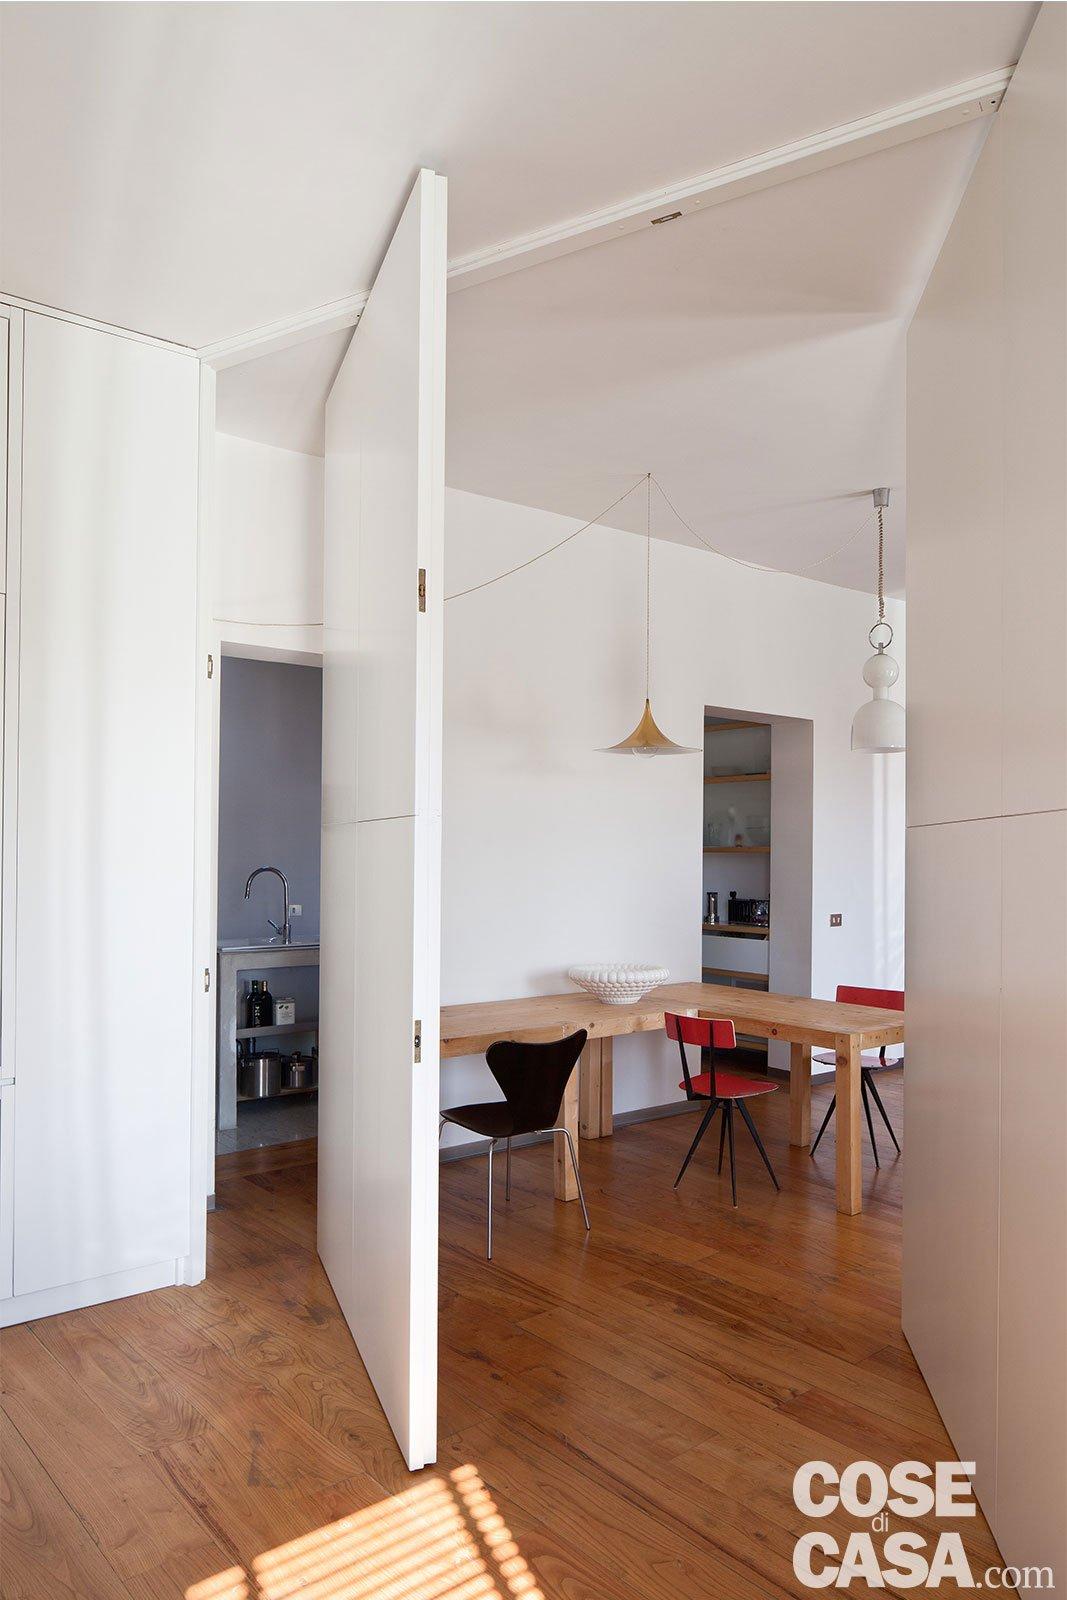 80 mq con pareti apribili che trasformano l\'open space in ambienti ...